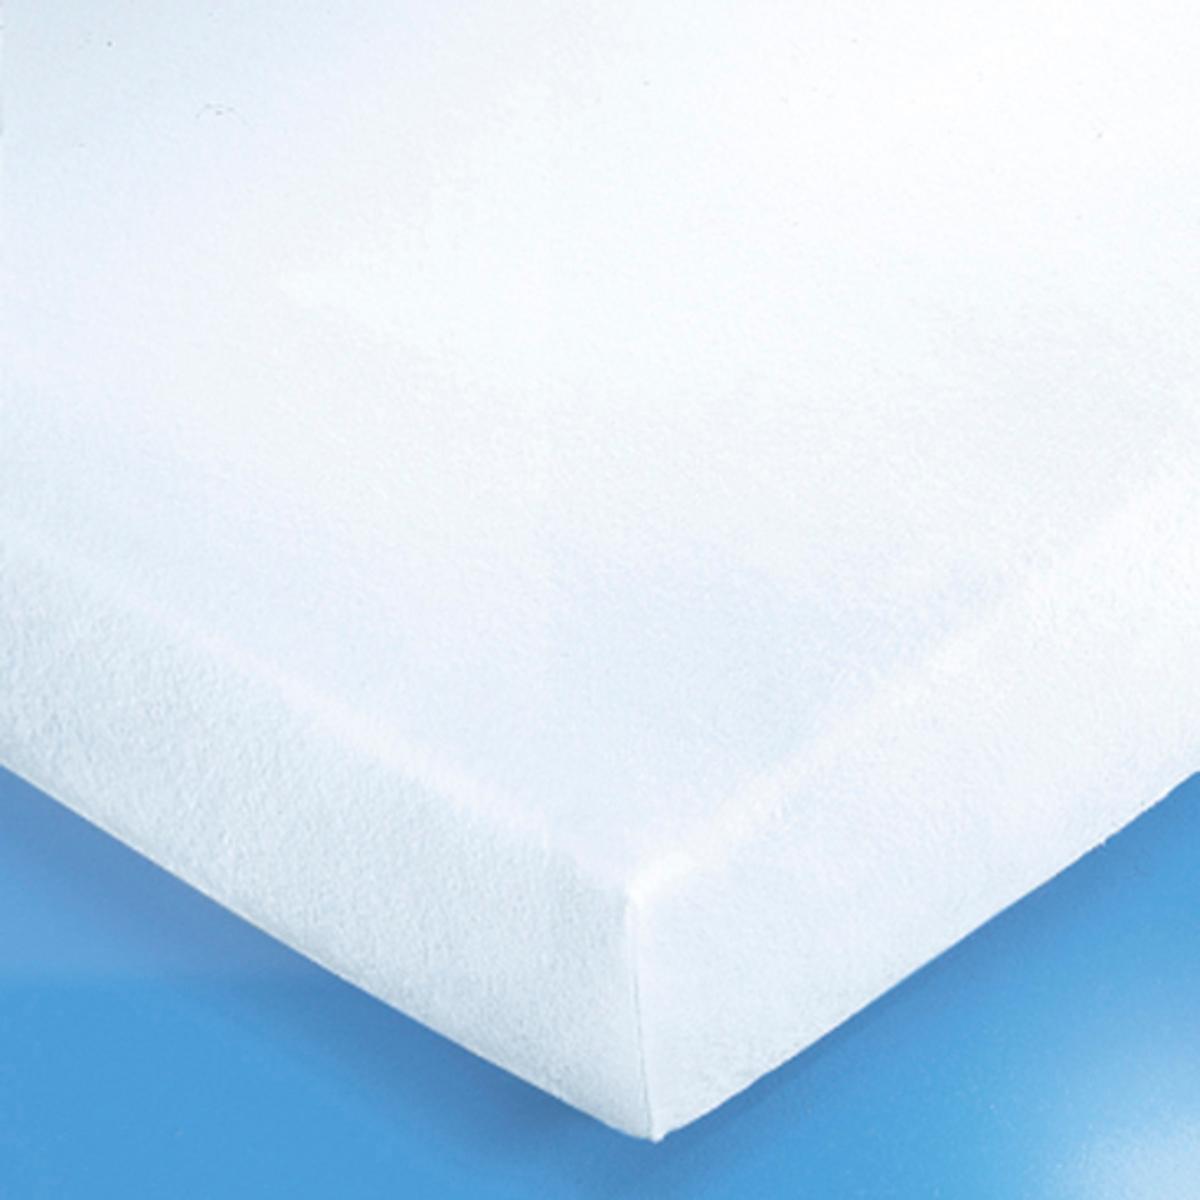 Чехол защитный на матрас из мольтона 220 г/м?Очень удобный и прочный защитный чехол в виде простыни из нежного мольтона, 100% хлопок, (начес с двух сторон). Стирка при 95°С для идеальной гигиены, обработка от усадки ткани SANFOR. Изделие с биоцидной обработкой.Резинка на 4 углах.Качество VALEUR S?RE.<br><br>Цвет: белый<br>Размер: 140 x 200 см